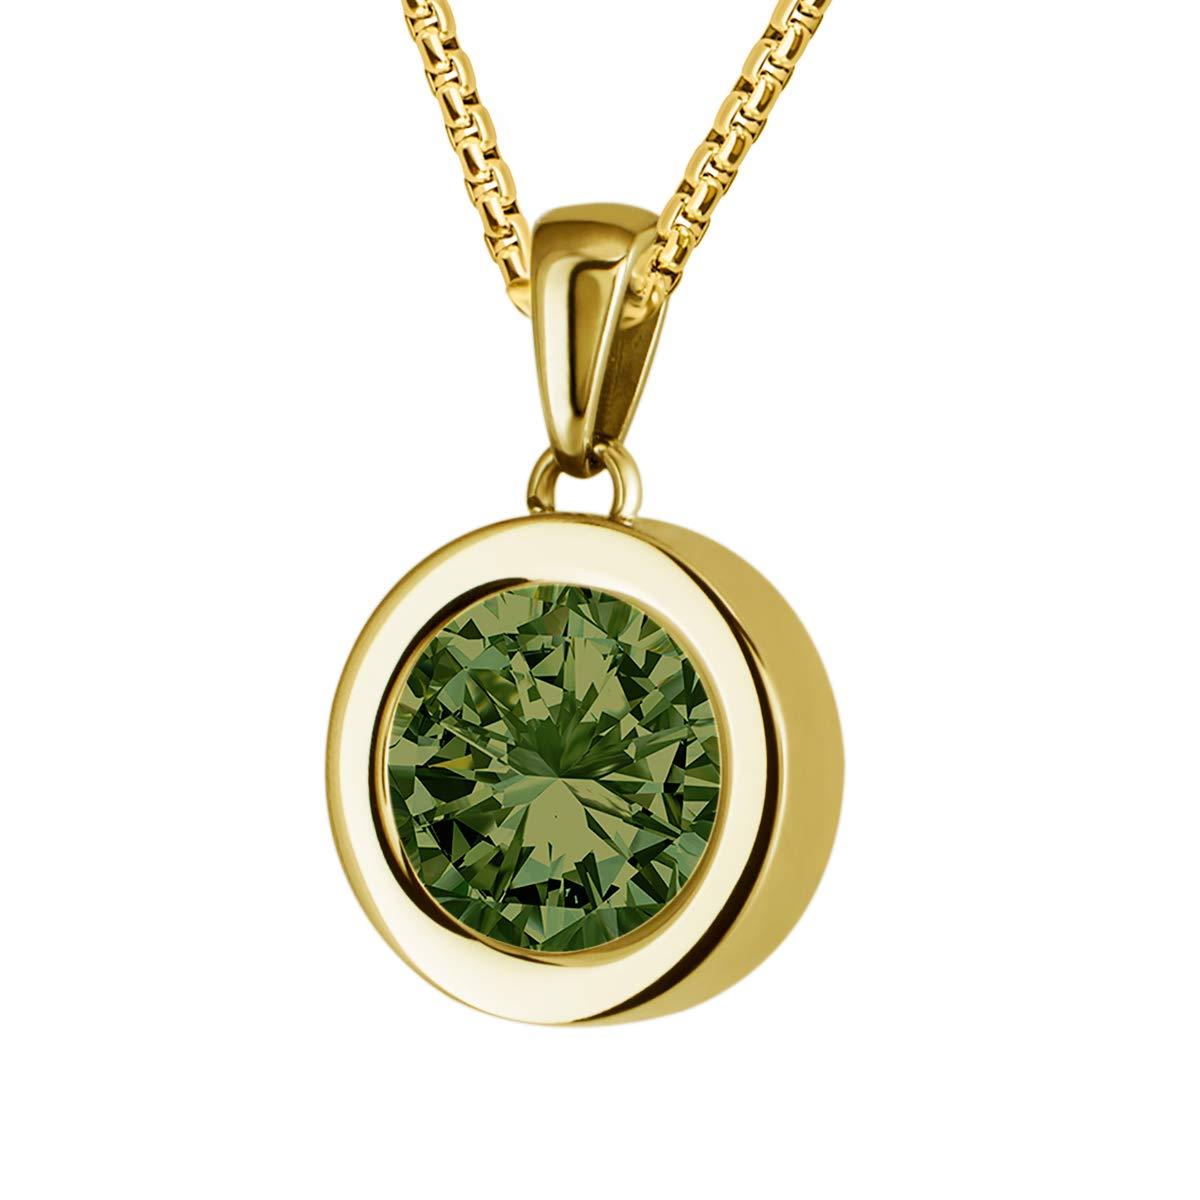 Quiges Gold Anhä nger Edelstahl 12mm Mini Coin Halter und Verschiedene Zirkonia Coins mit Venezianierkette 42 + 4cm Verlä ngerungskette SLSHS449